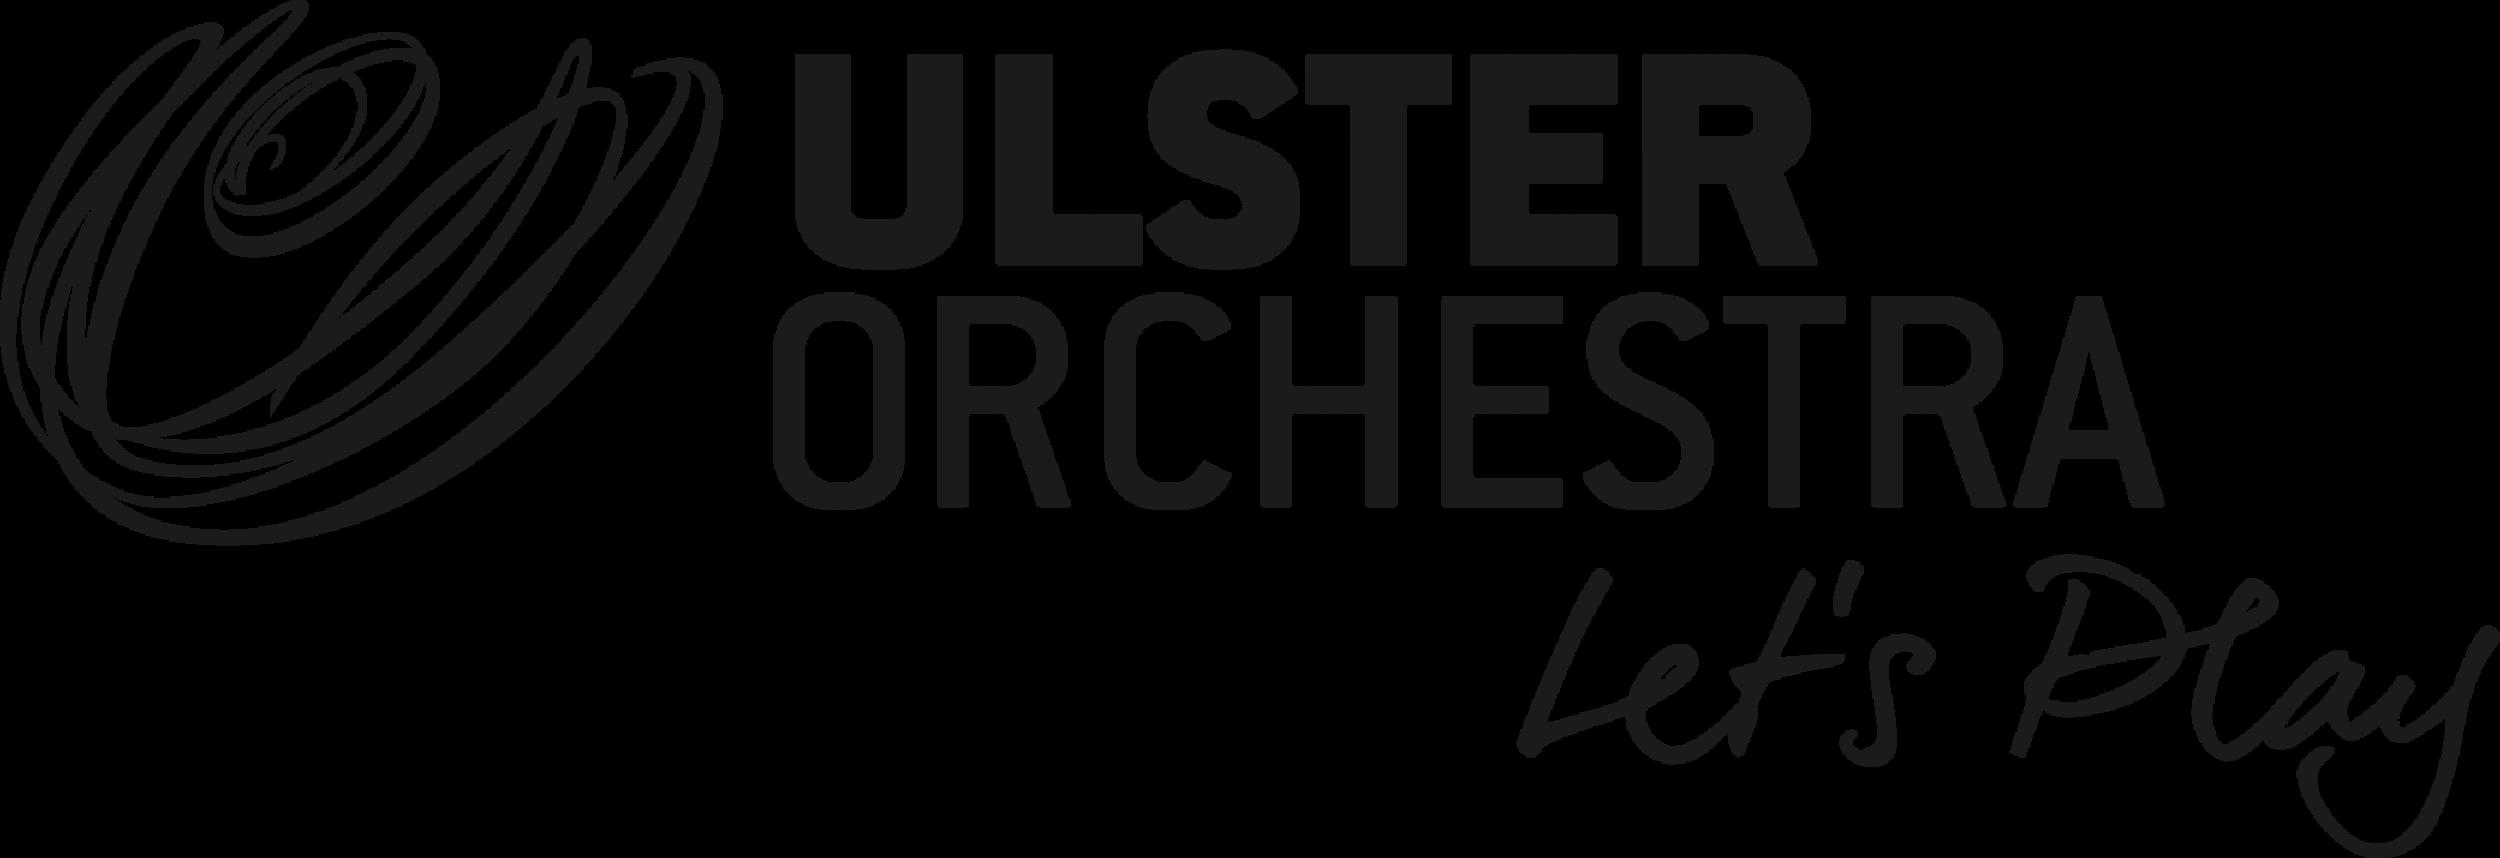 Ulster Orchestra Grey_strapline